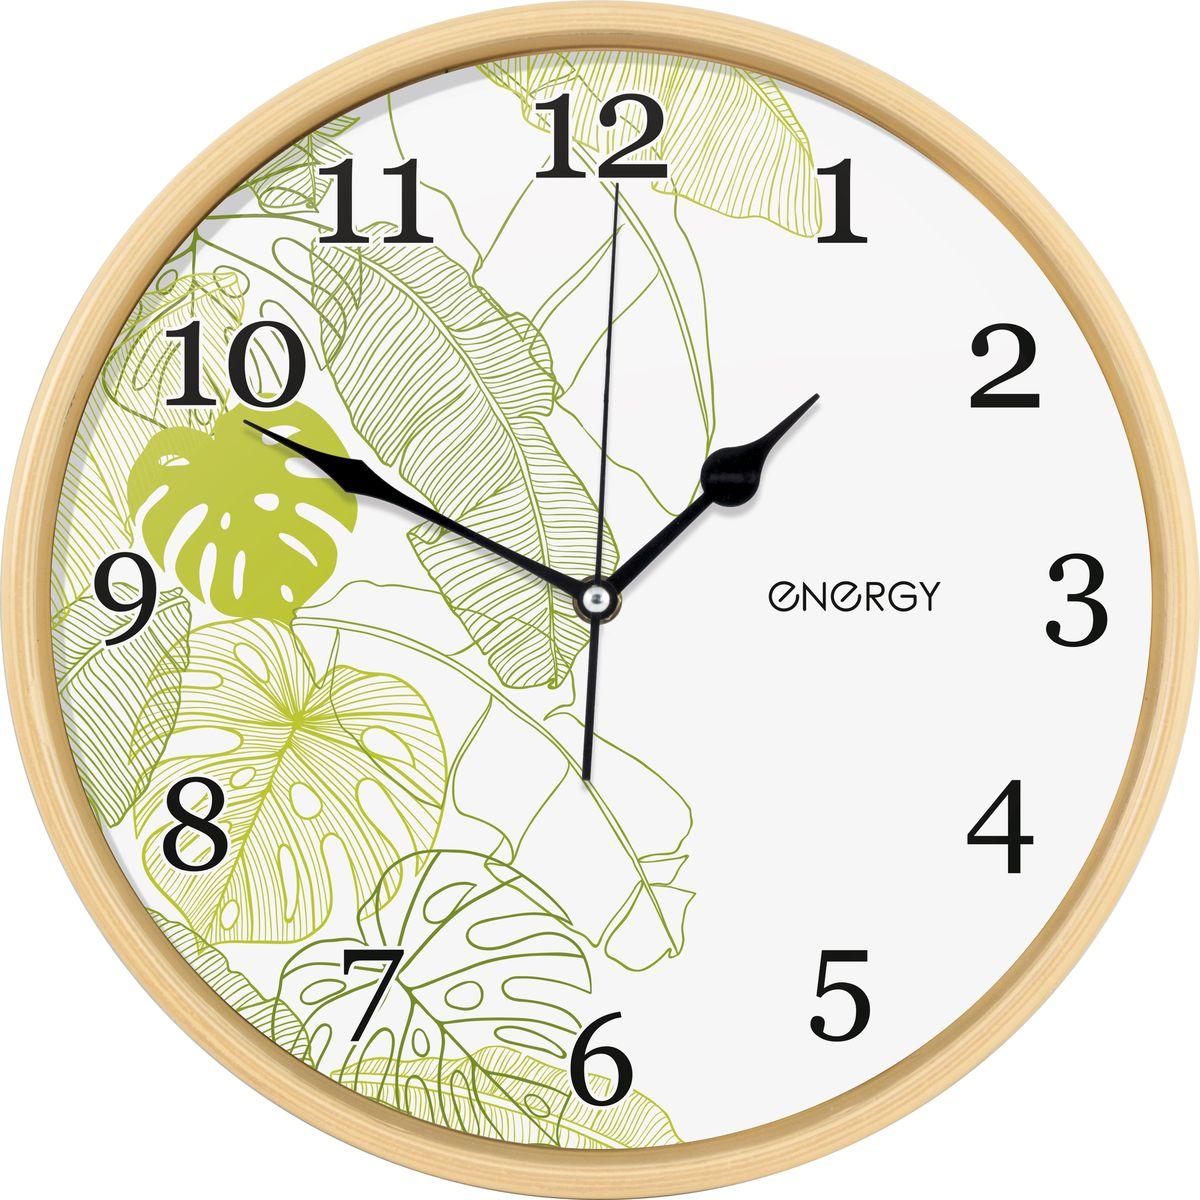 Настенные кварцевые часы с плавным ходом Energy ЕС-108 имеют оригинальный яркий дизайн и поэтому подойдут для вашего дома или офиса, декорированного в подобном стиле. Крупные цифры отлично различимы даже в условиях плохого освещения. Питание осуществляется от 1 батарейки типа АА (в комплект не входит).